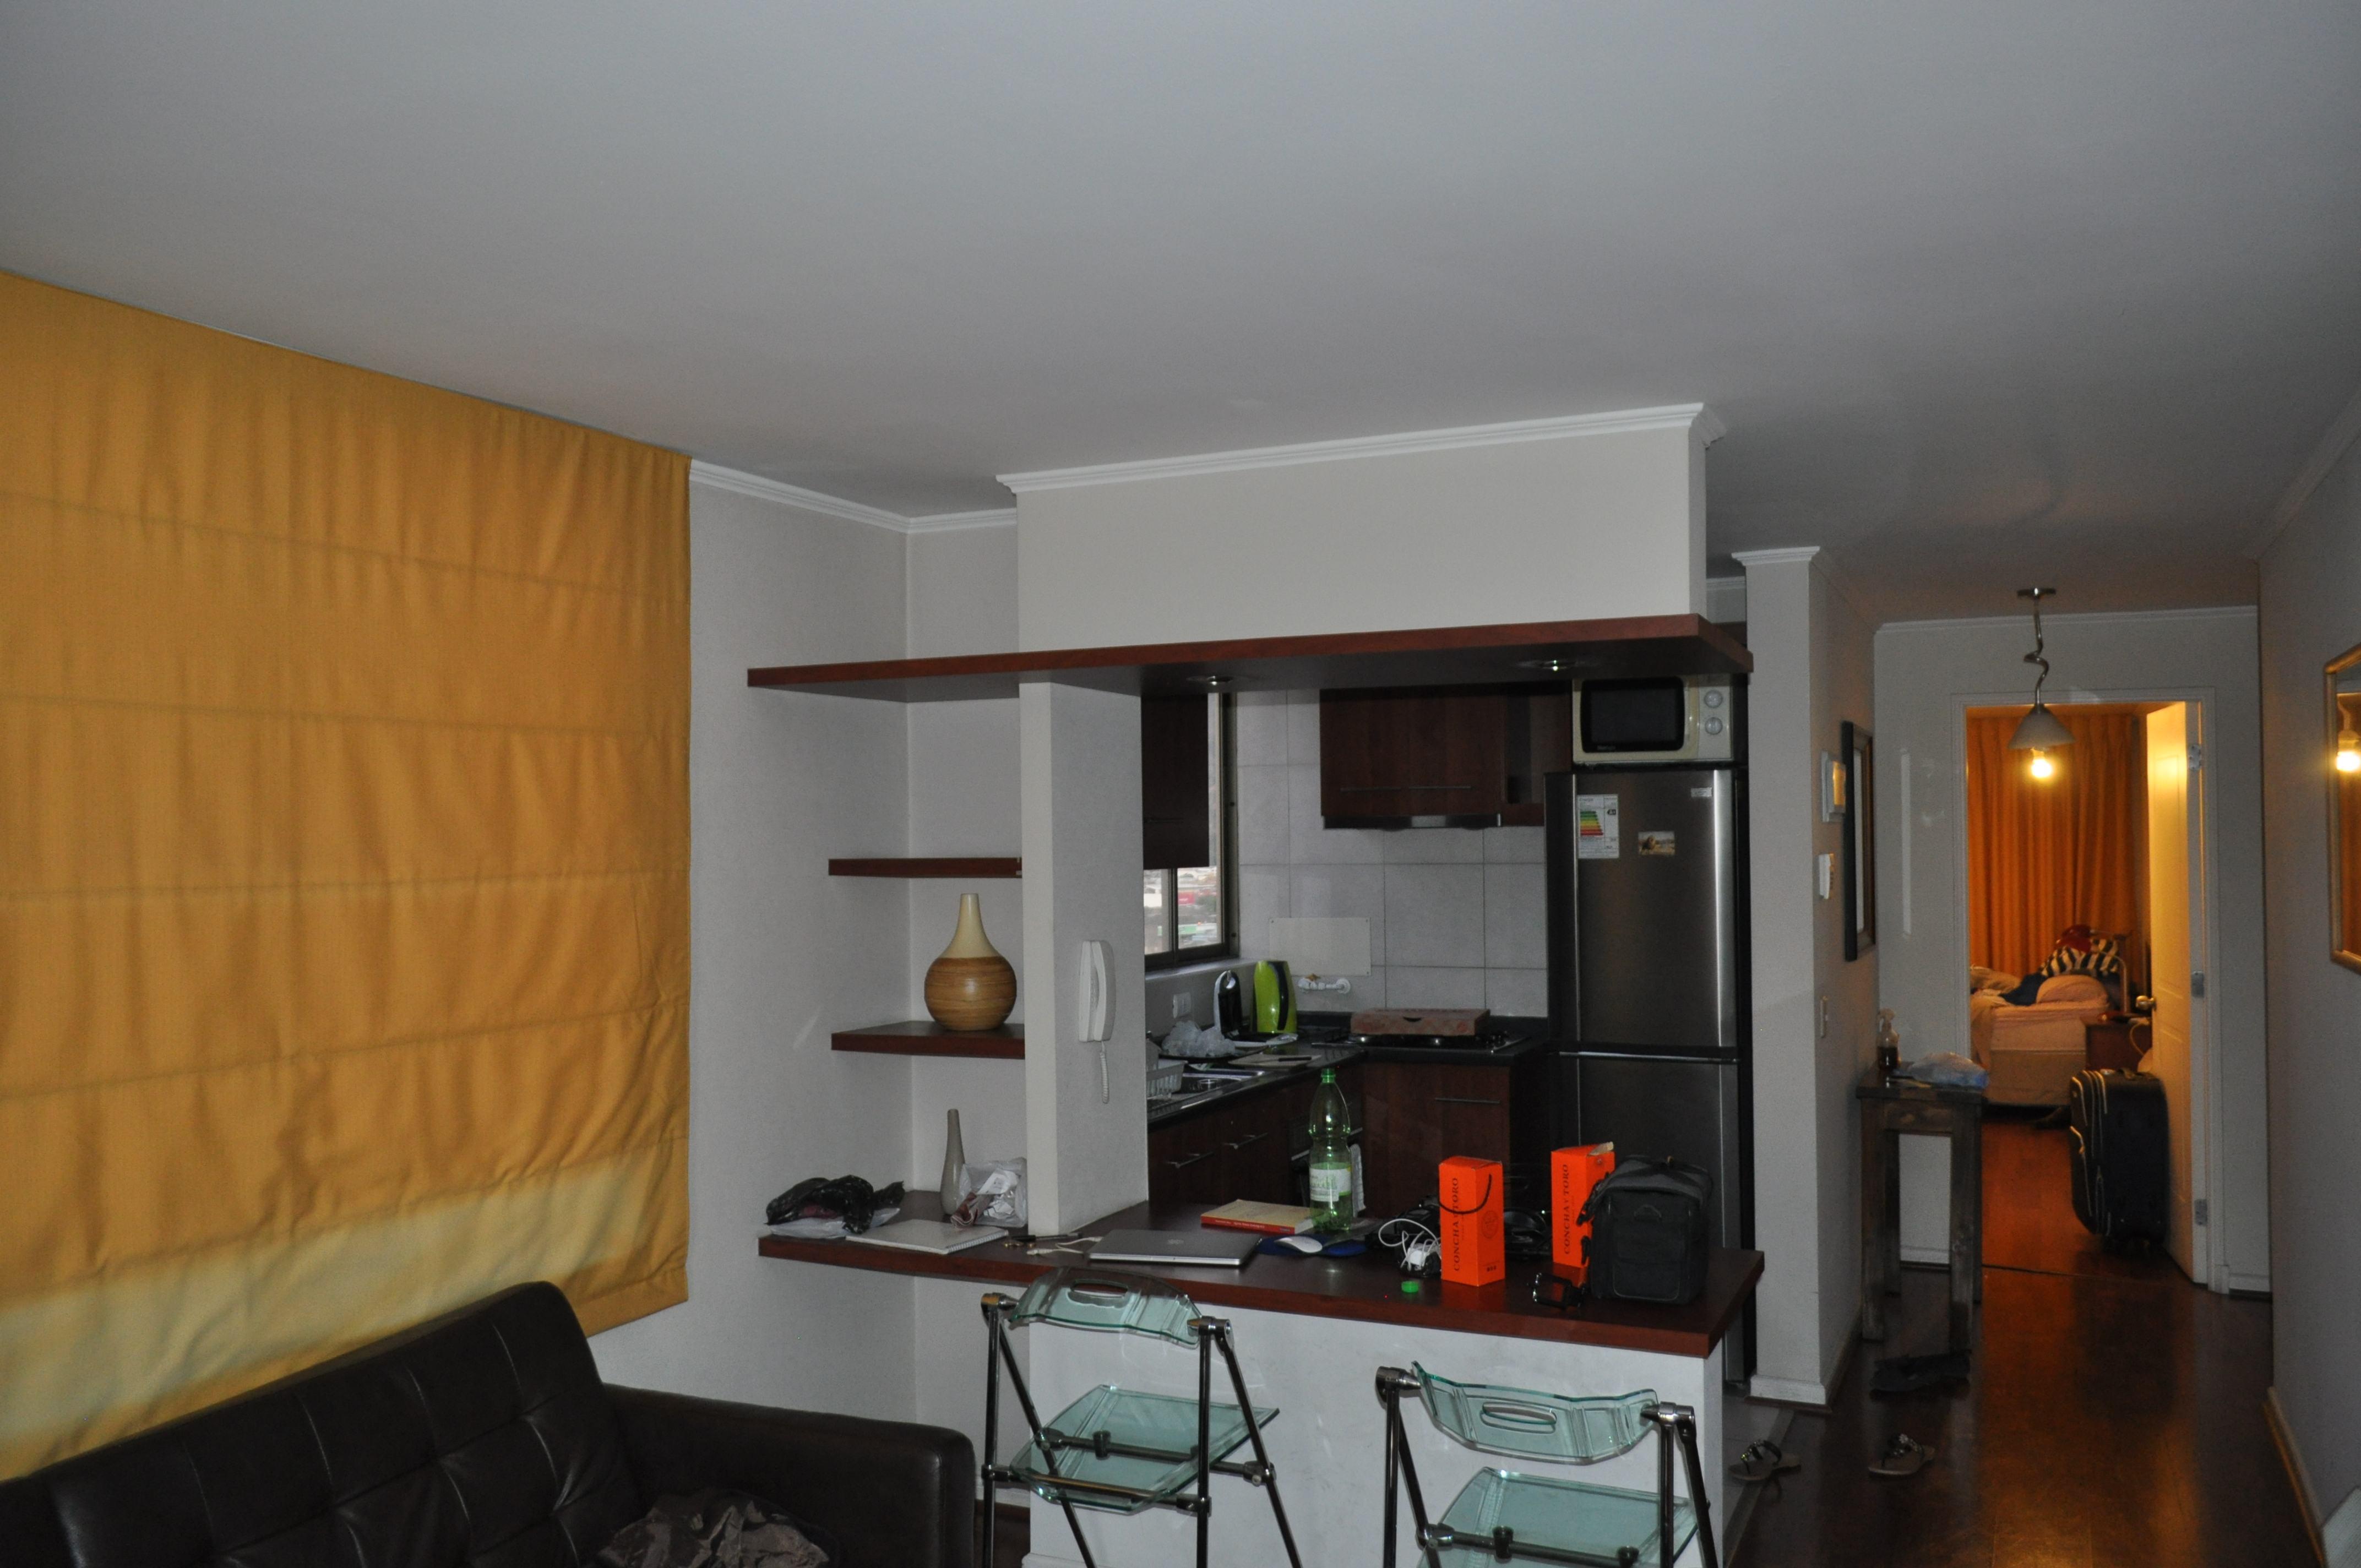 Apartamento em Santiago (Chile) (Foto: Jhonatas Ricardo/Arquivo Pessoal)